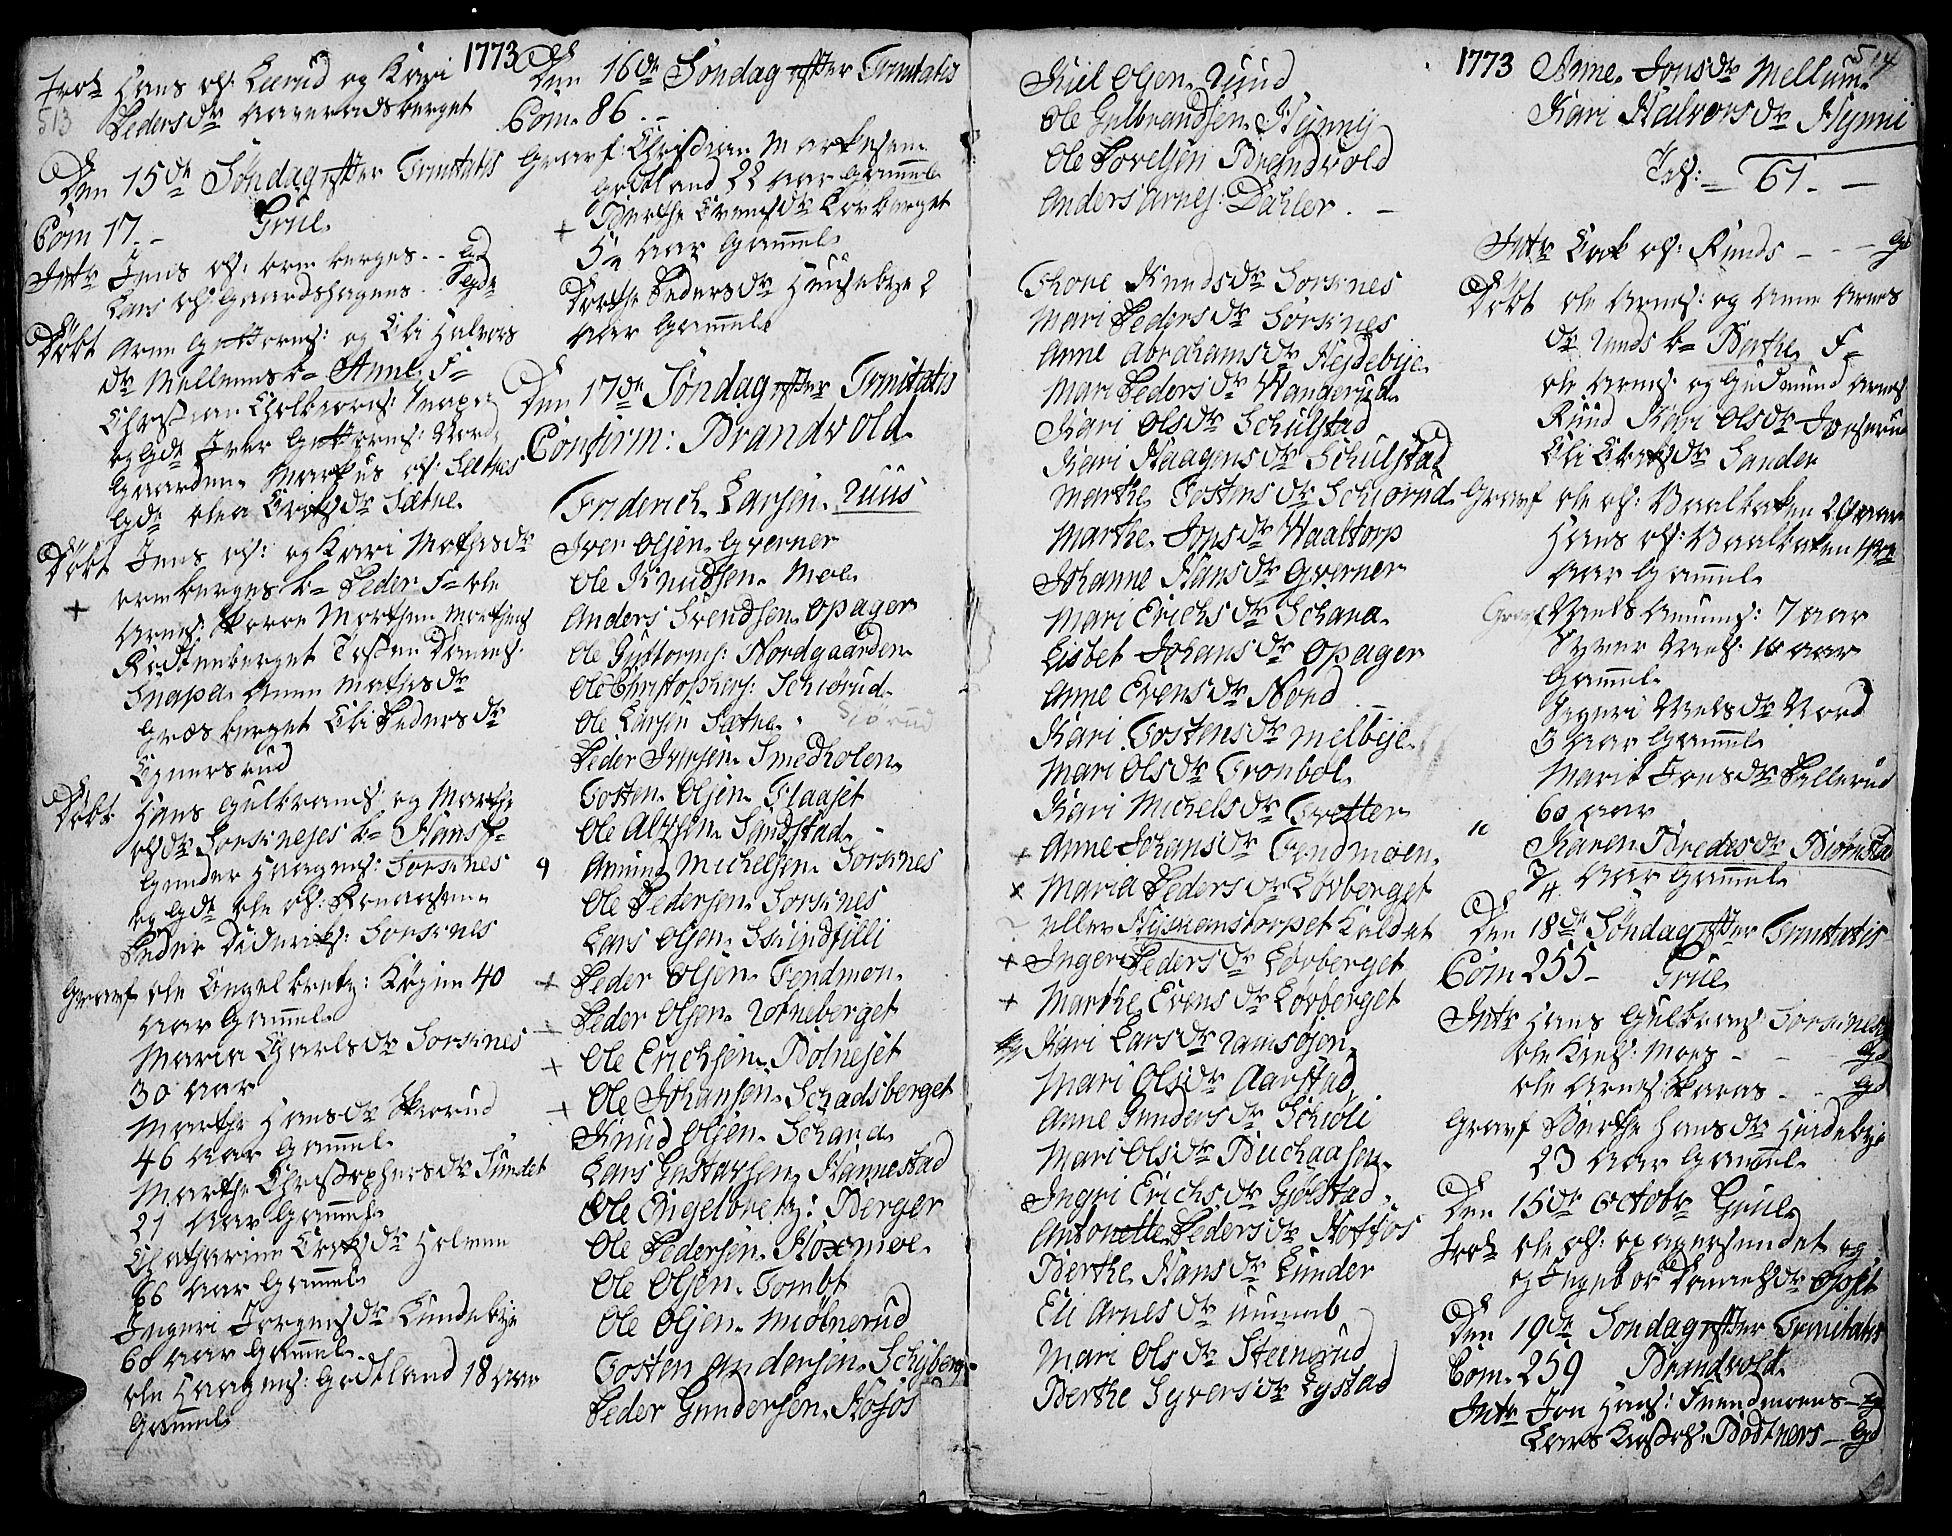 SAH, Grue prestekontor, Parish register (official) no. 2, 1749-1774, p. 513-514